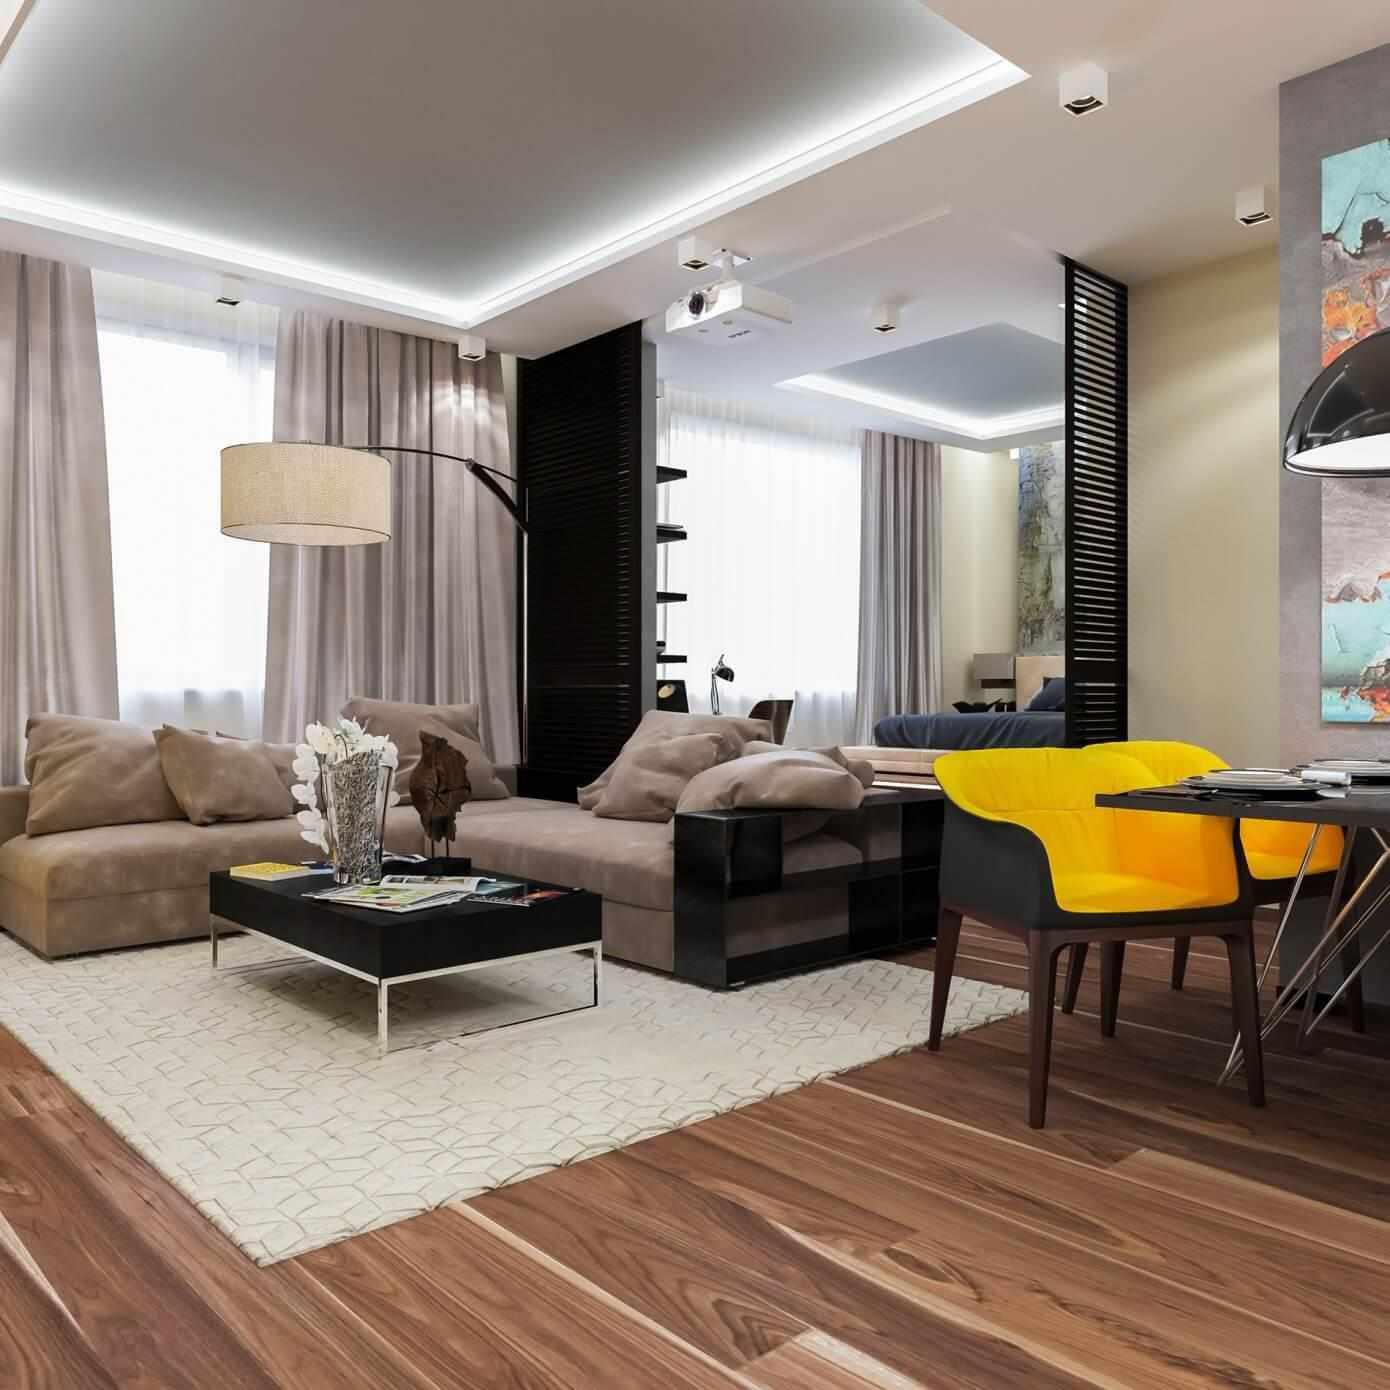 Ламинат на полу интерьера в стиле контемпорари